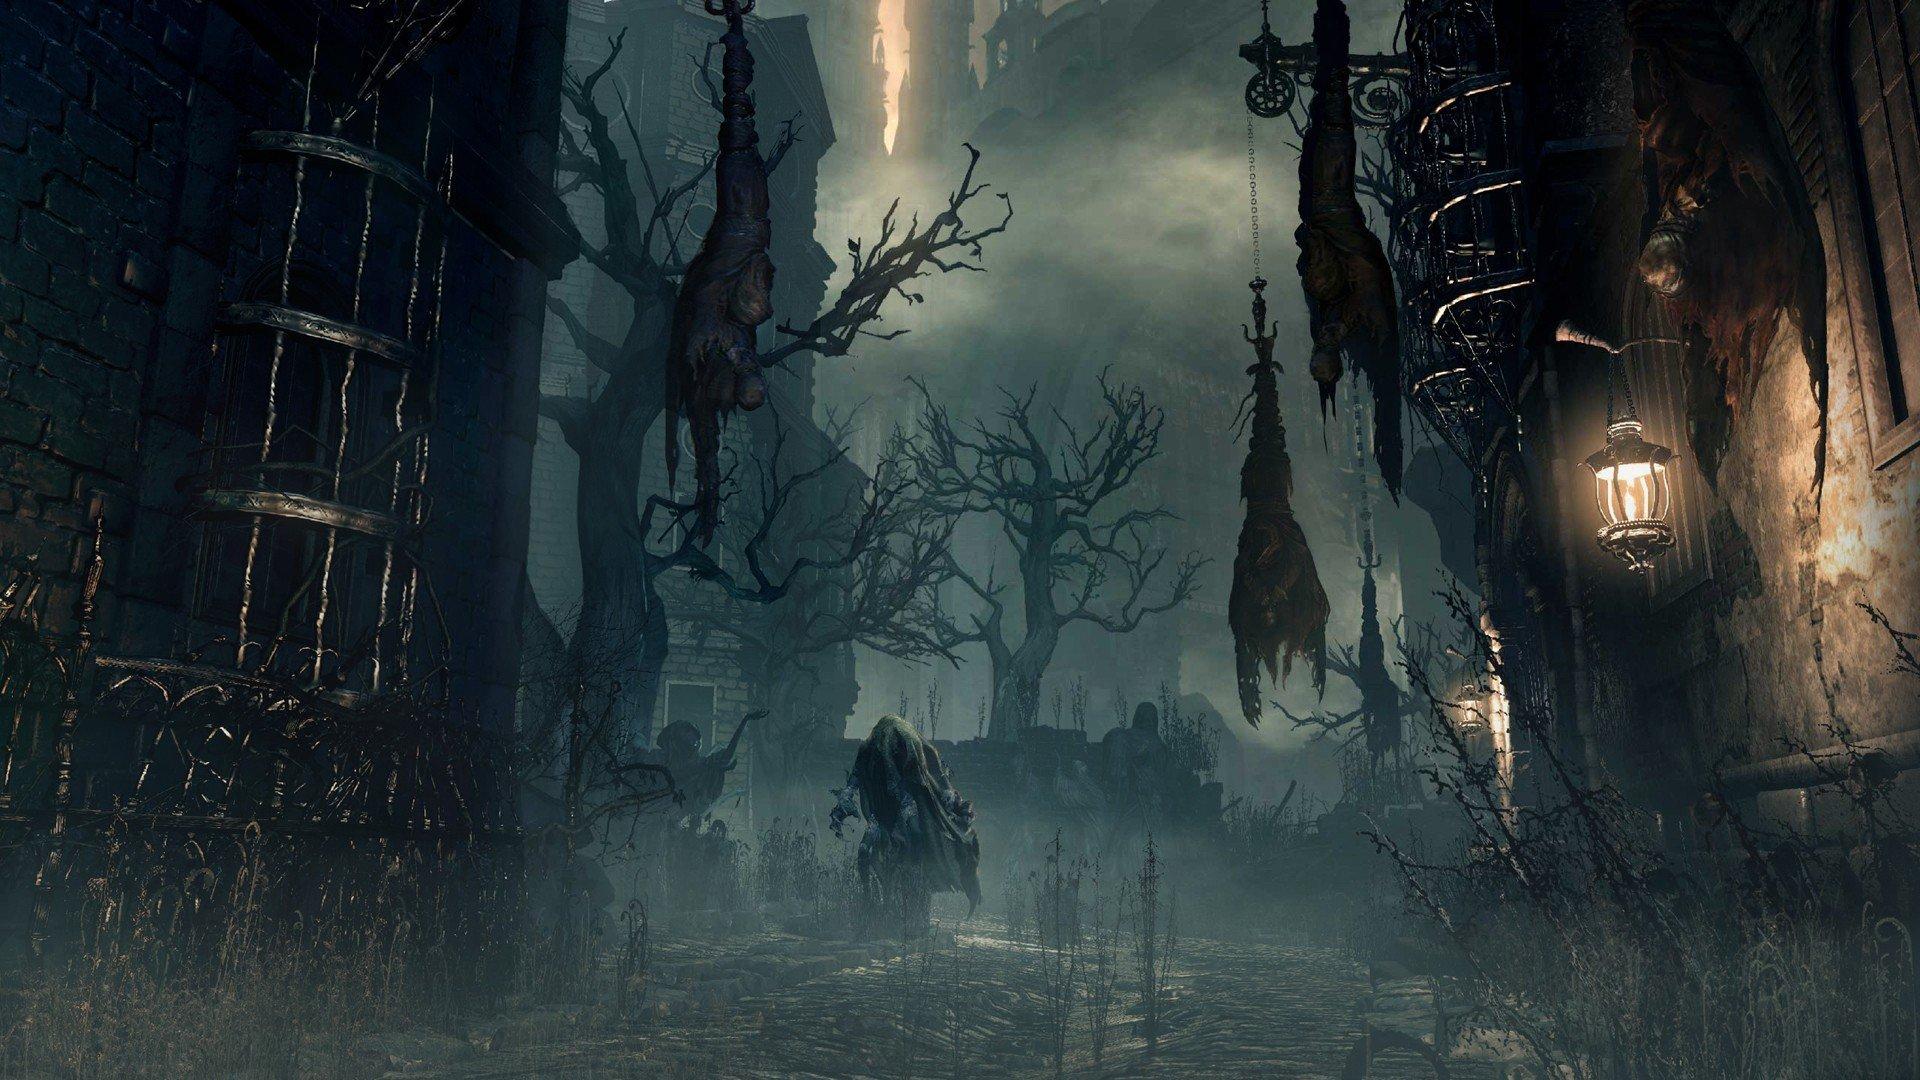 Анонсирован комикс Bloodborne: The Death of Sleep, который может стать адаптацией к продолжению игры